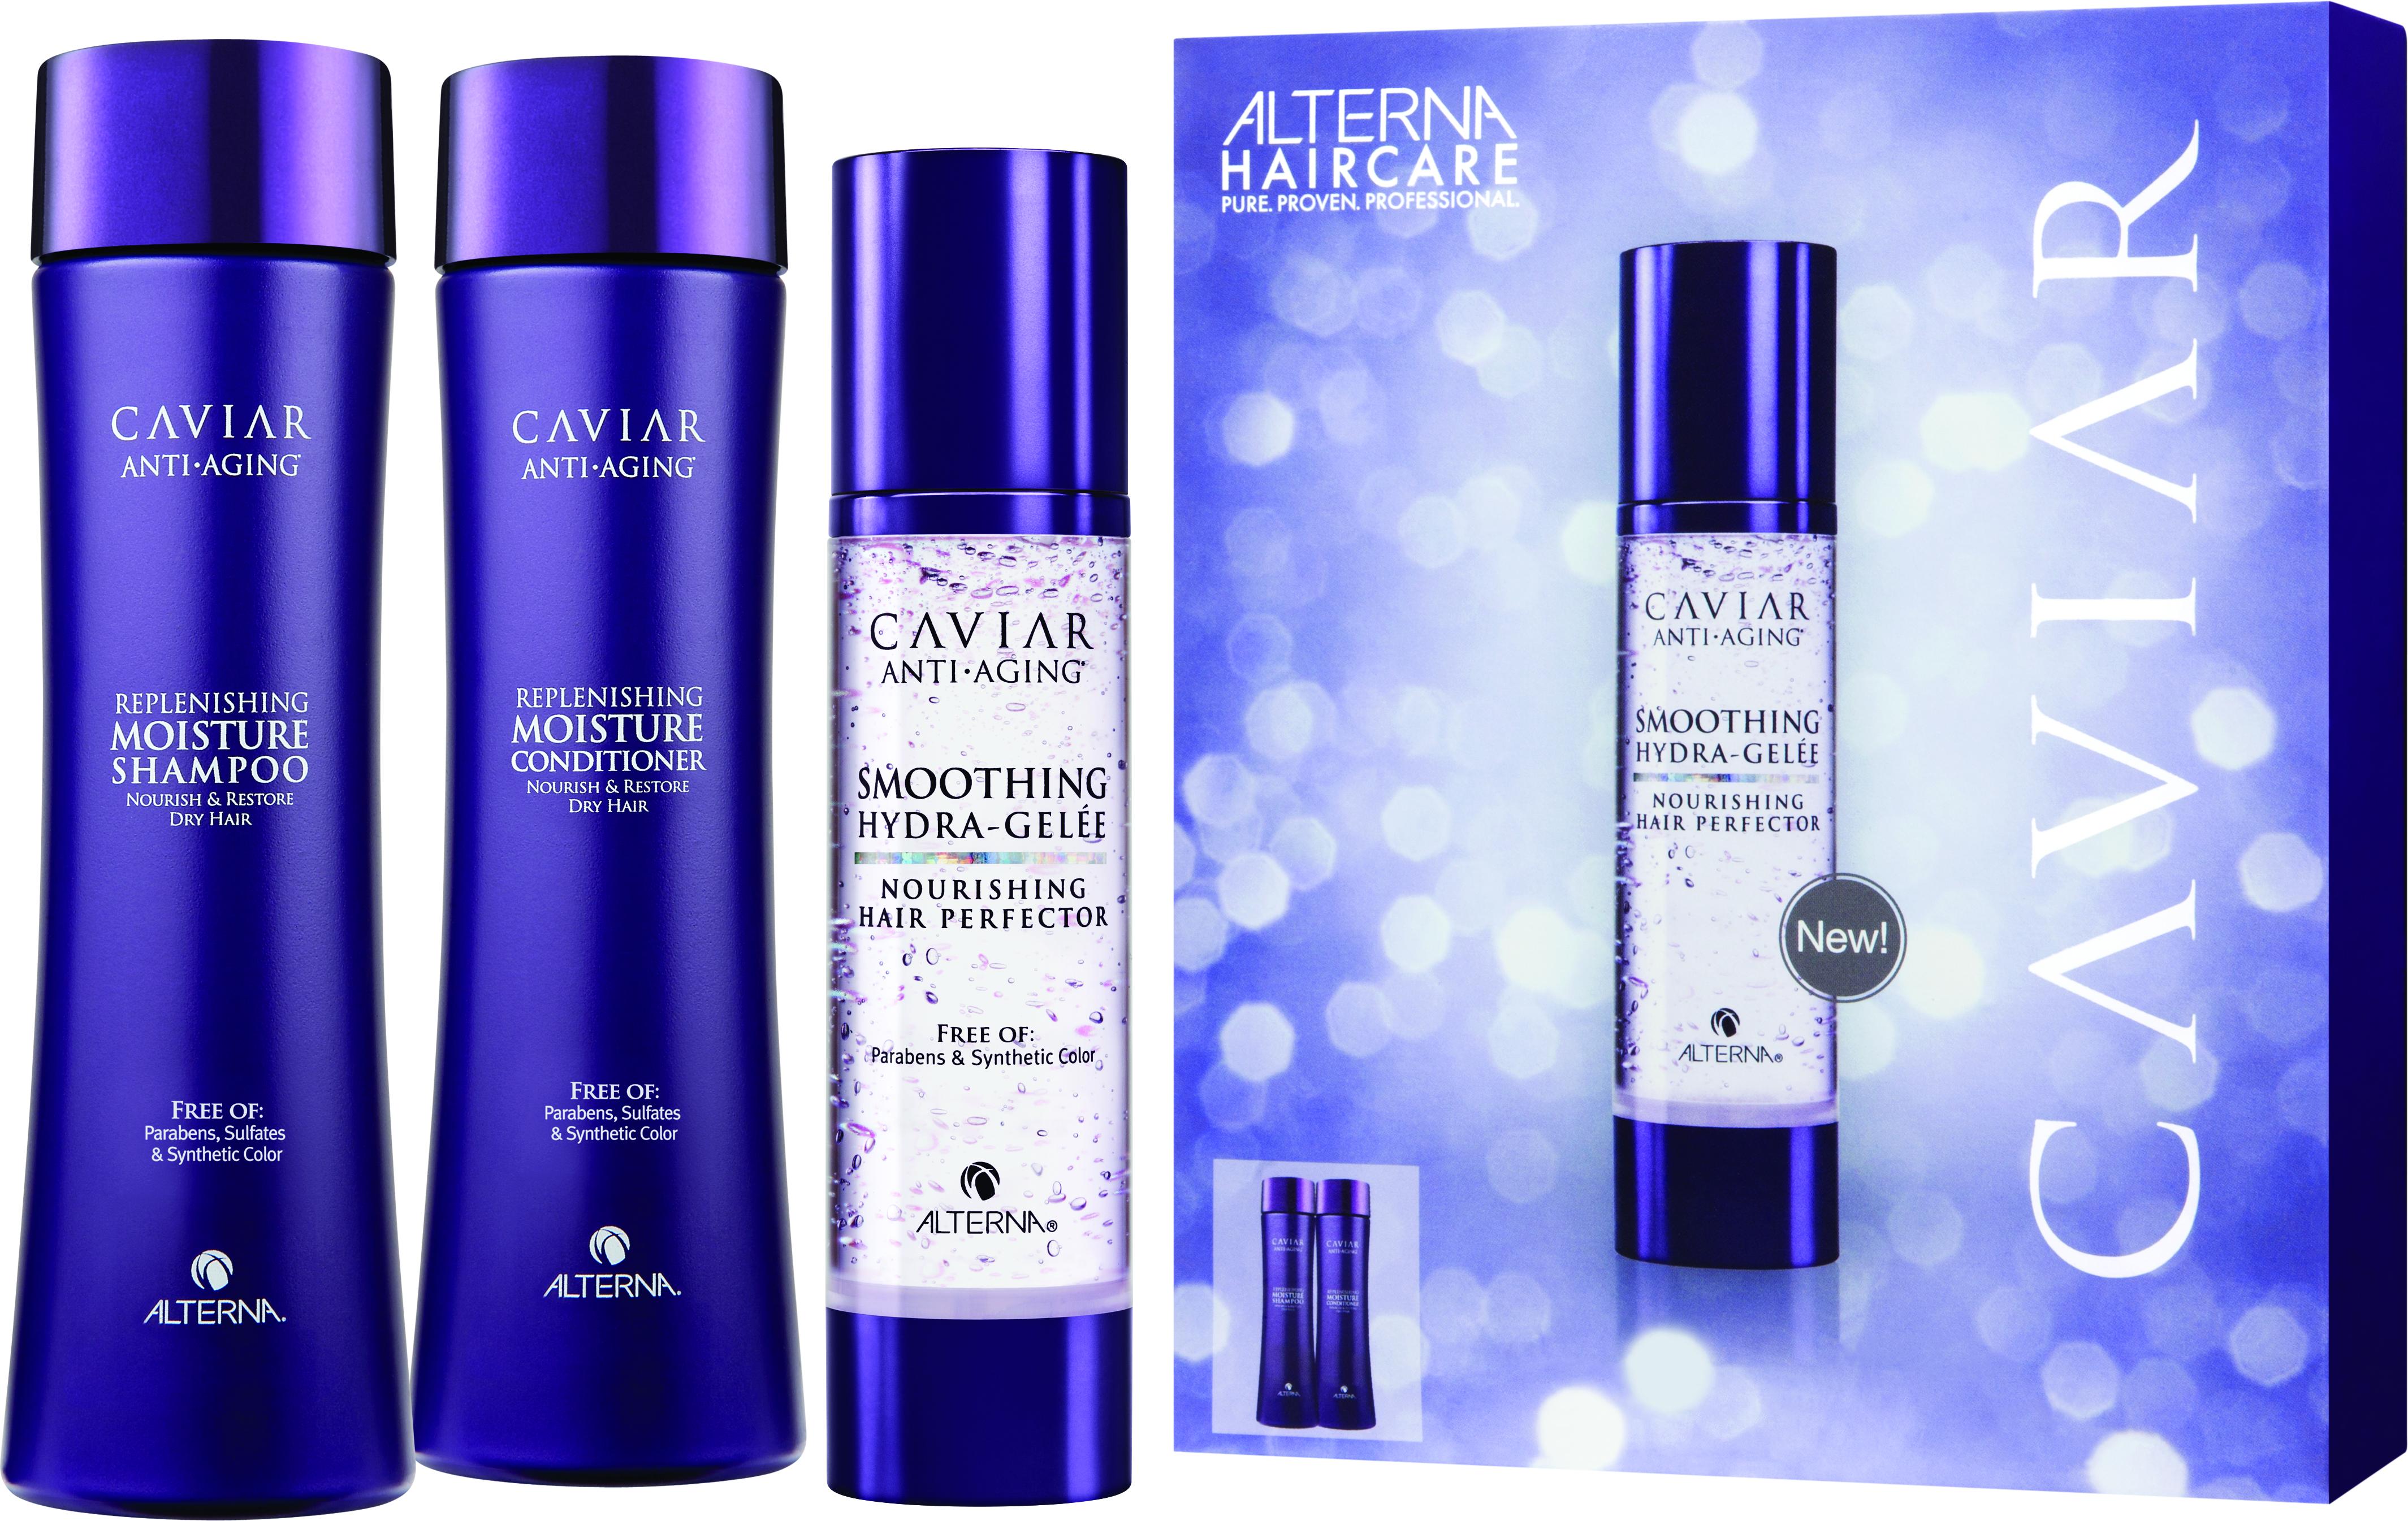 ALTERNA Набор для разглаживания и увлажнения волос: шампунь увлажняющий, кондиционер увлажняющий, гель-идеализатор / Smoothing Hydra-Gelee Starter Kit CAVIAR